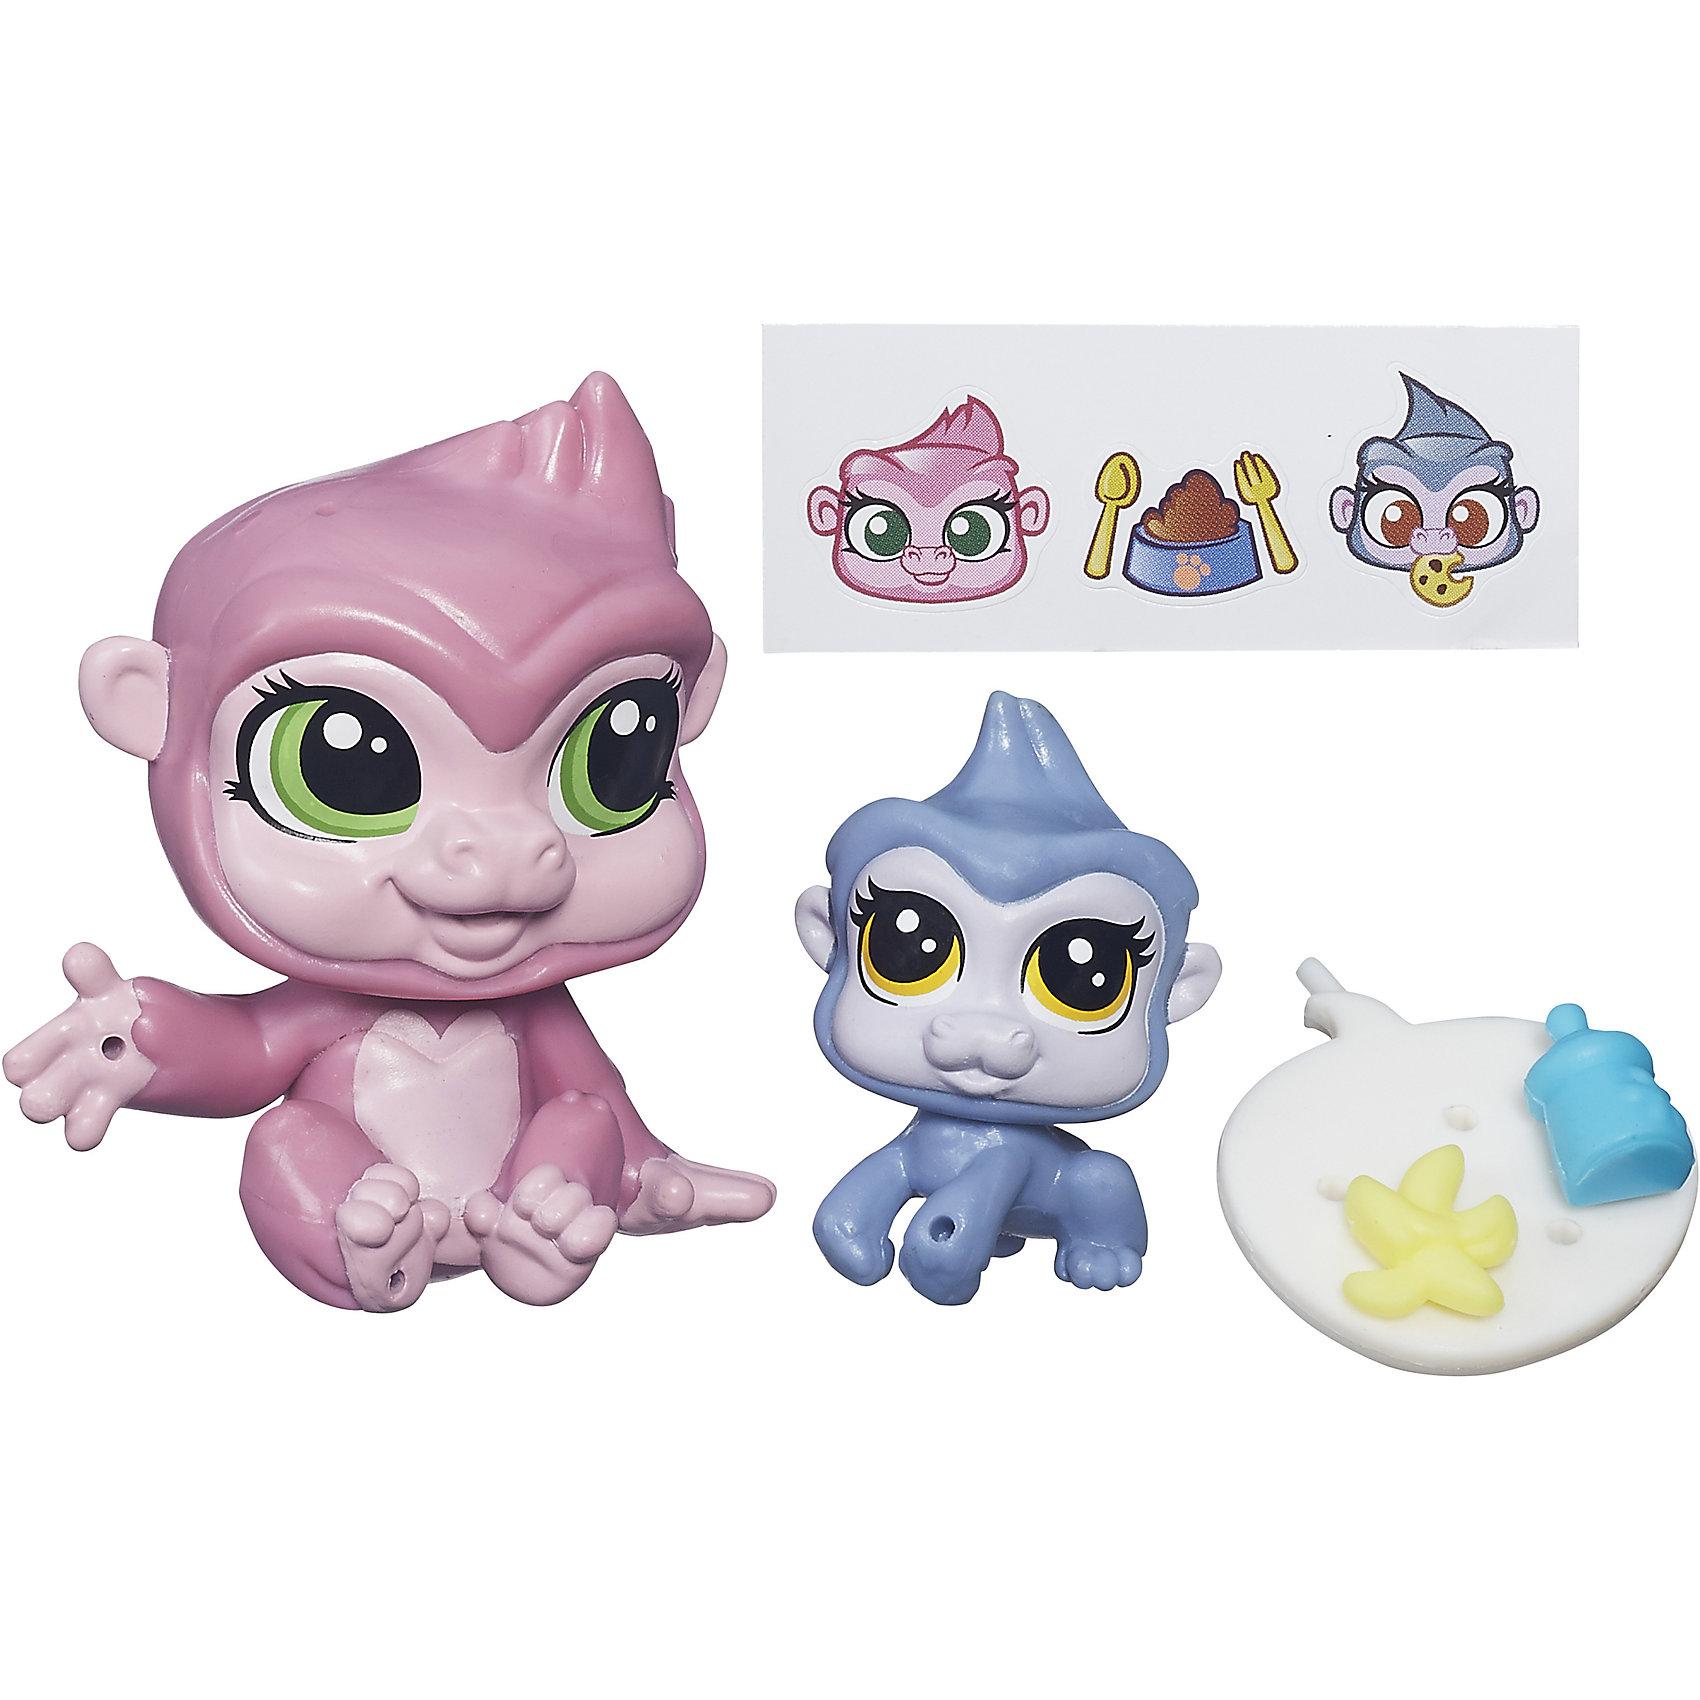 Hasbro Зверюшка и ее малыш, Littlest Pet Shop, А7313/B4764 игрушка lps зверюшка и ее малыш в ассортименте